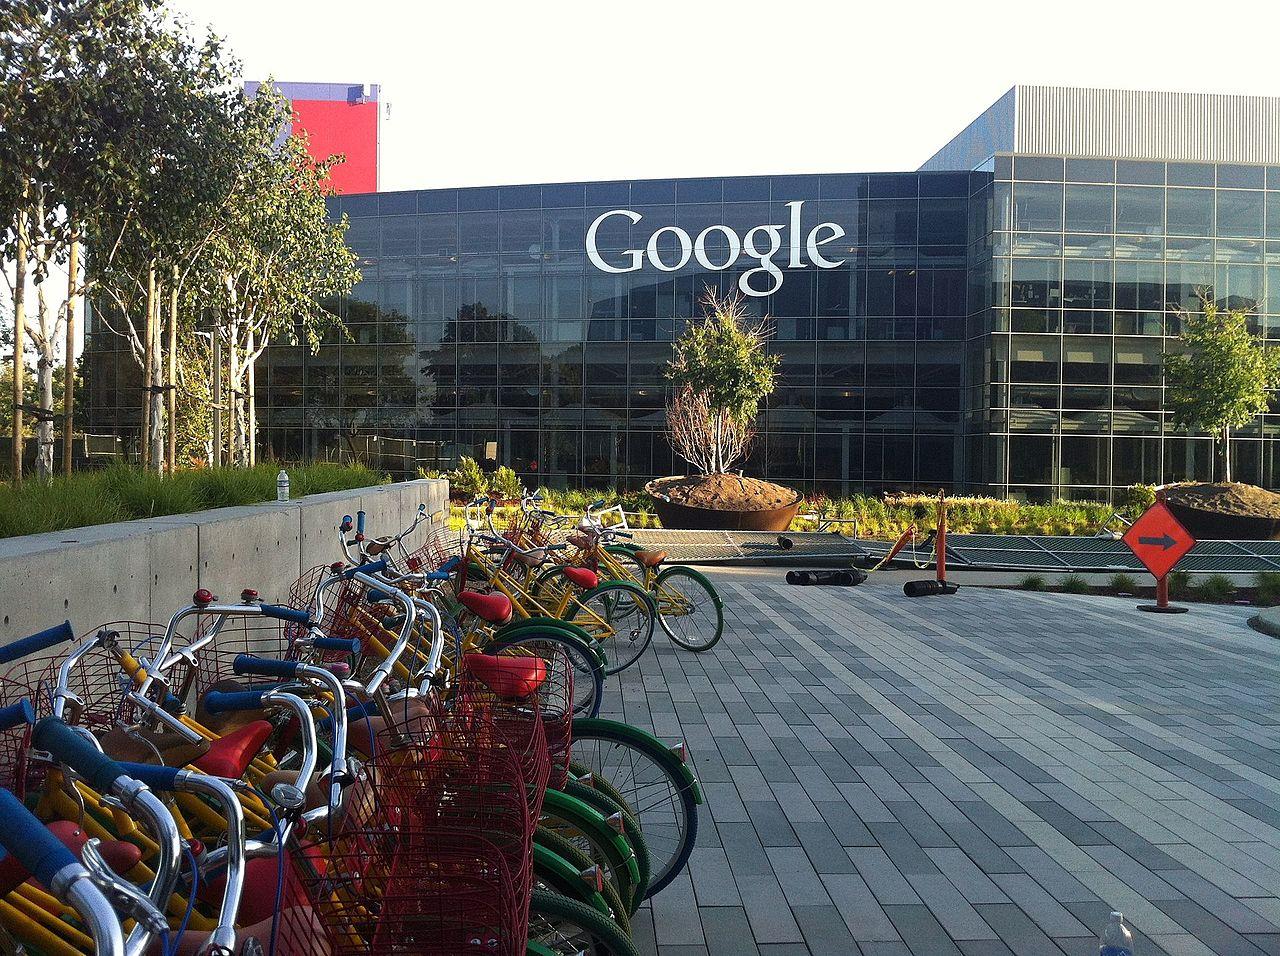 Vive polémique chez Google après la lettre sexiste d'un ingénieur